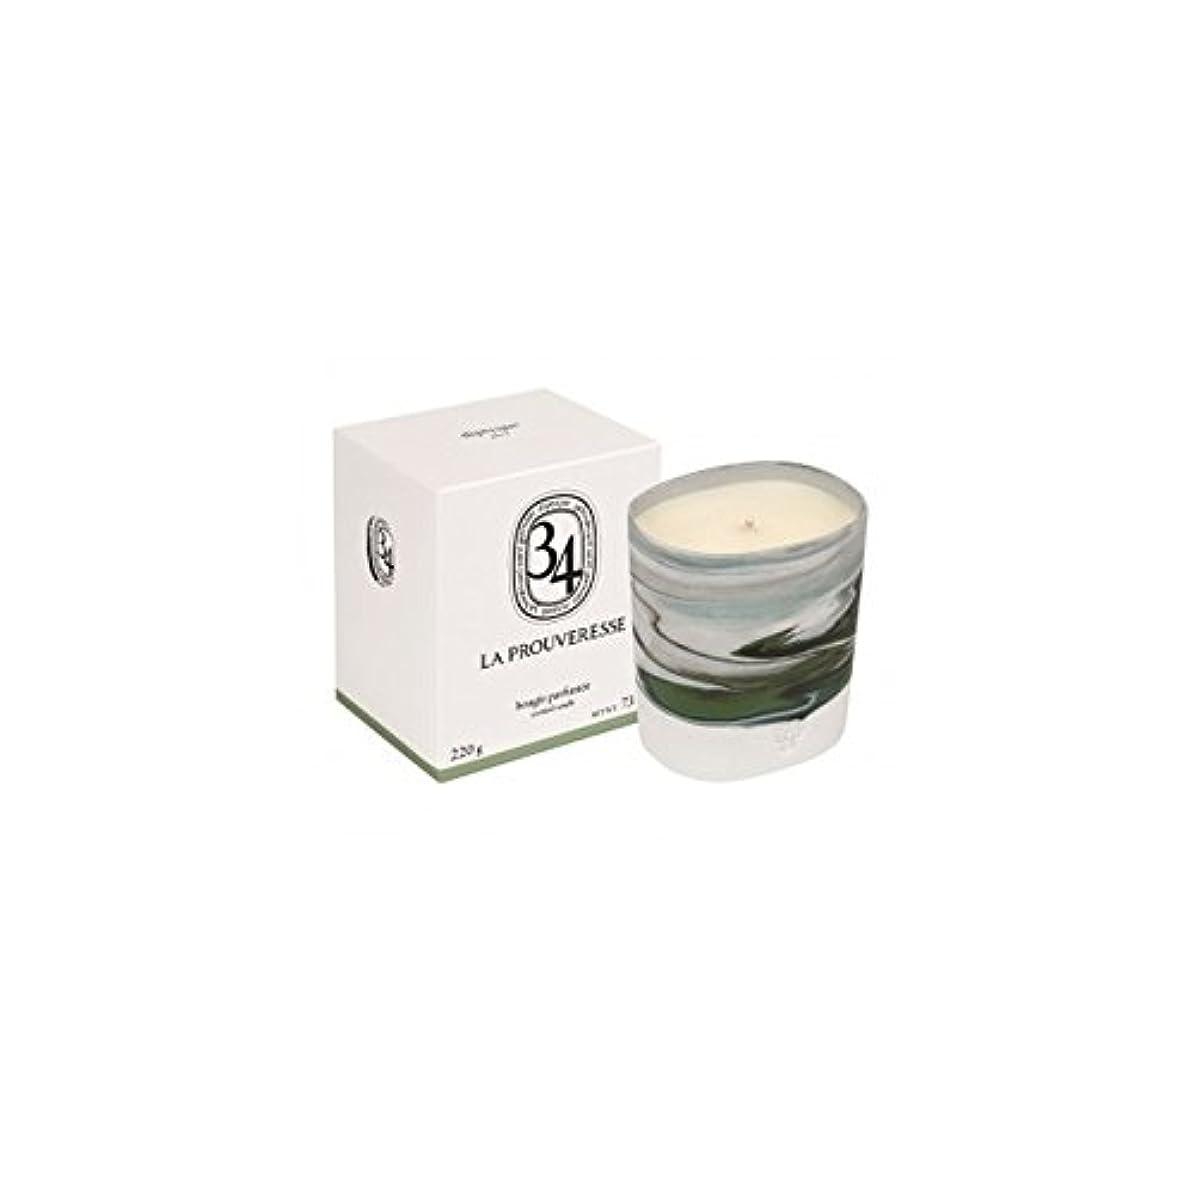 満たすモーテル詳細なDiptyque Collection 34 La Prouveresse Scented Candle 220g (Pack of 2) - ラProuveresse Diptyqueコレクション34香りのキャンドル220...